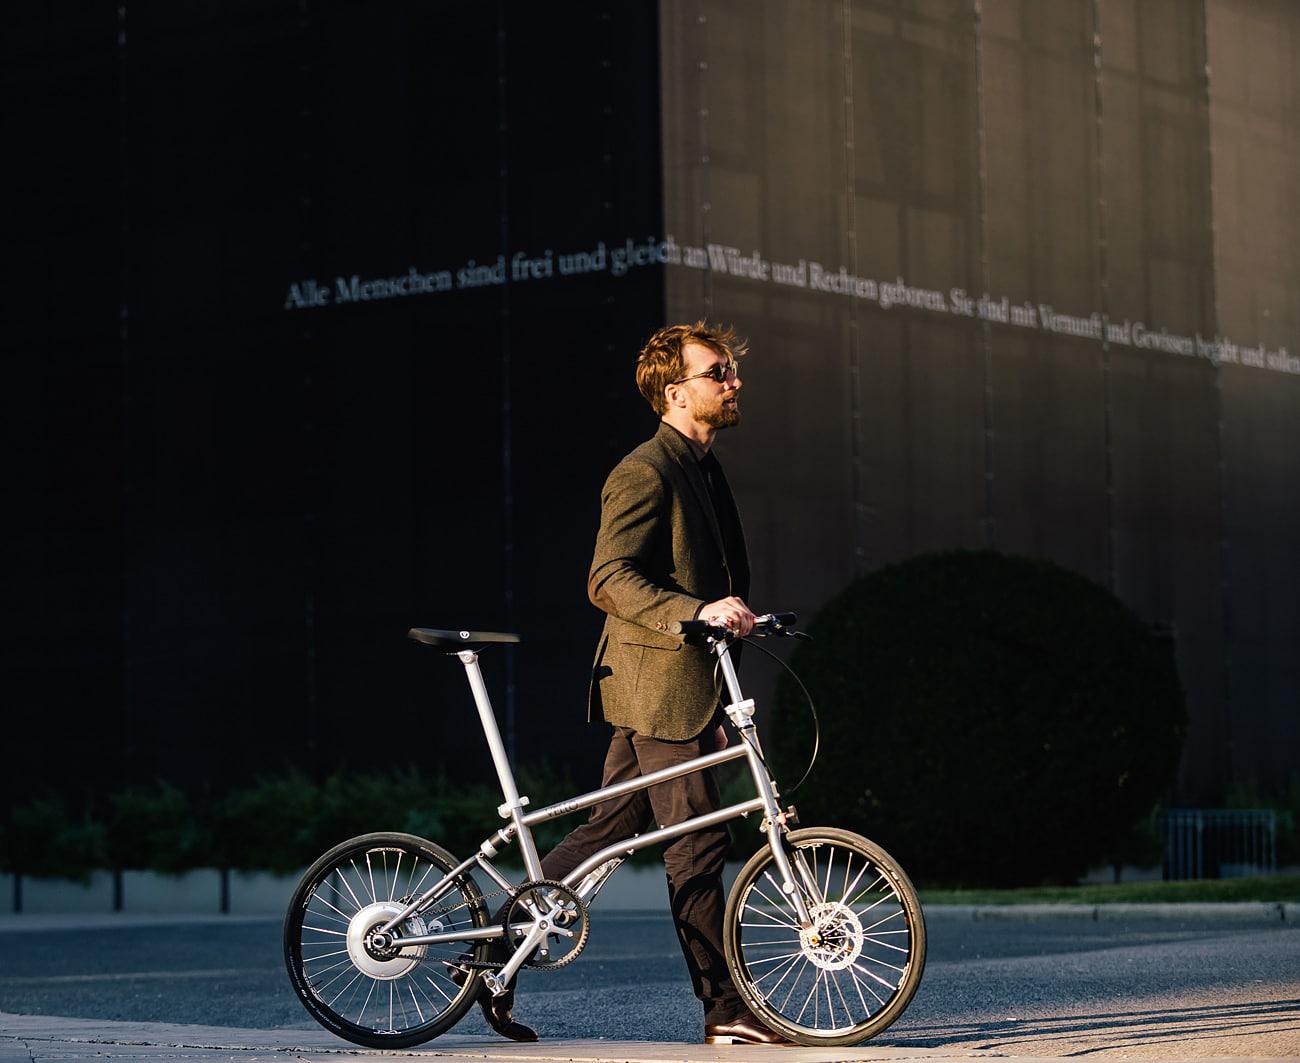 Falträder Klappräder für die Reise - Reiseblog Bravebird